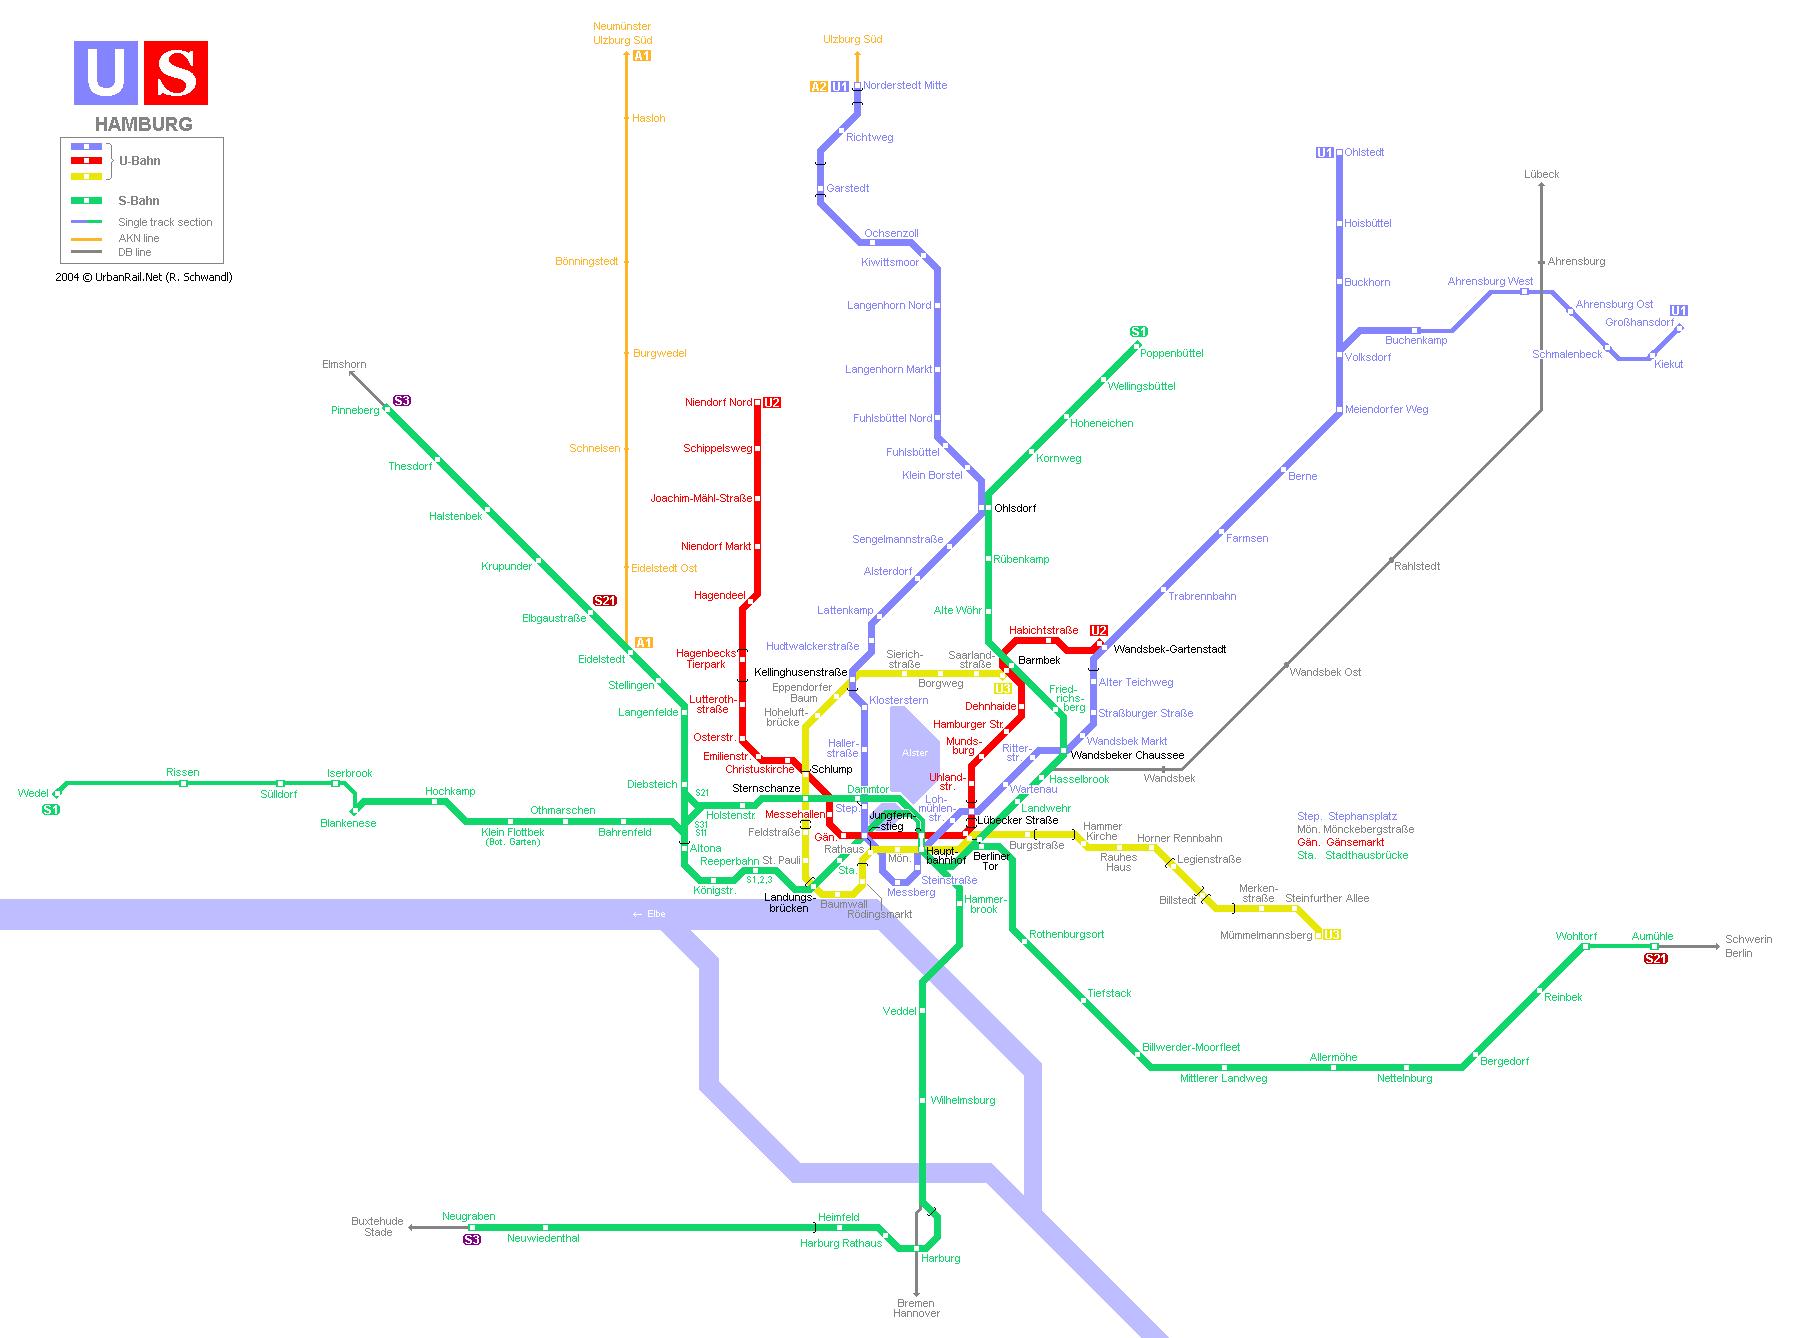 Схемы метро.  Метрополитены Европы.  Метрополитен Гамбурга - это система общественного транспорта города Гамбурга...